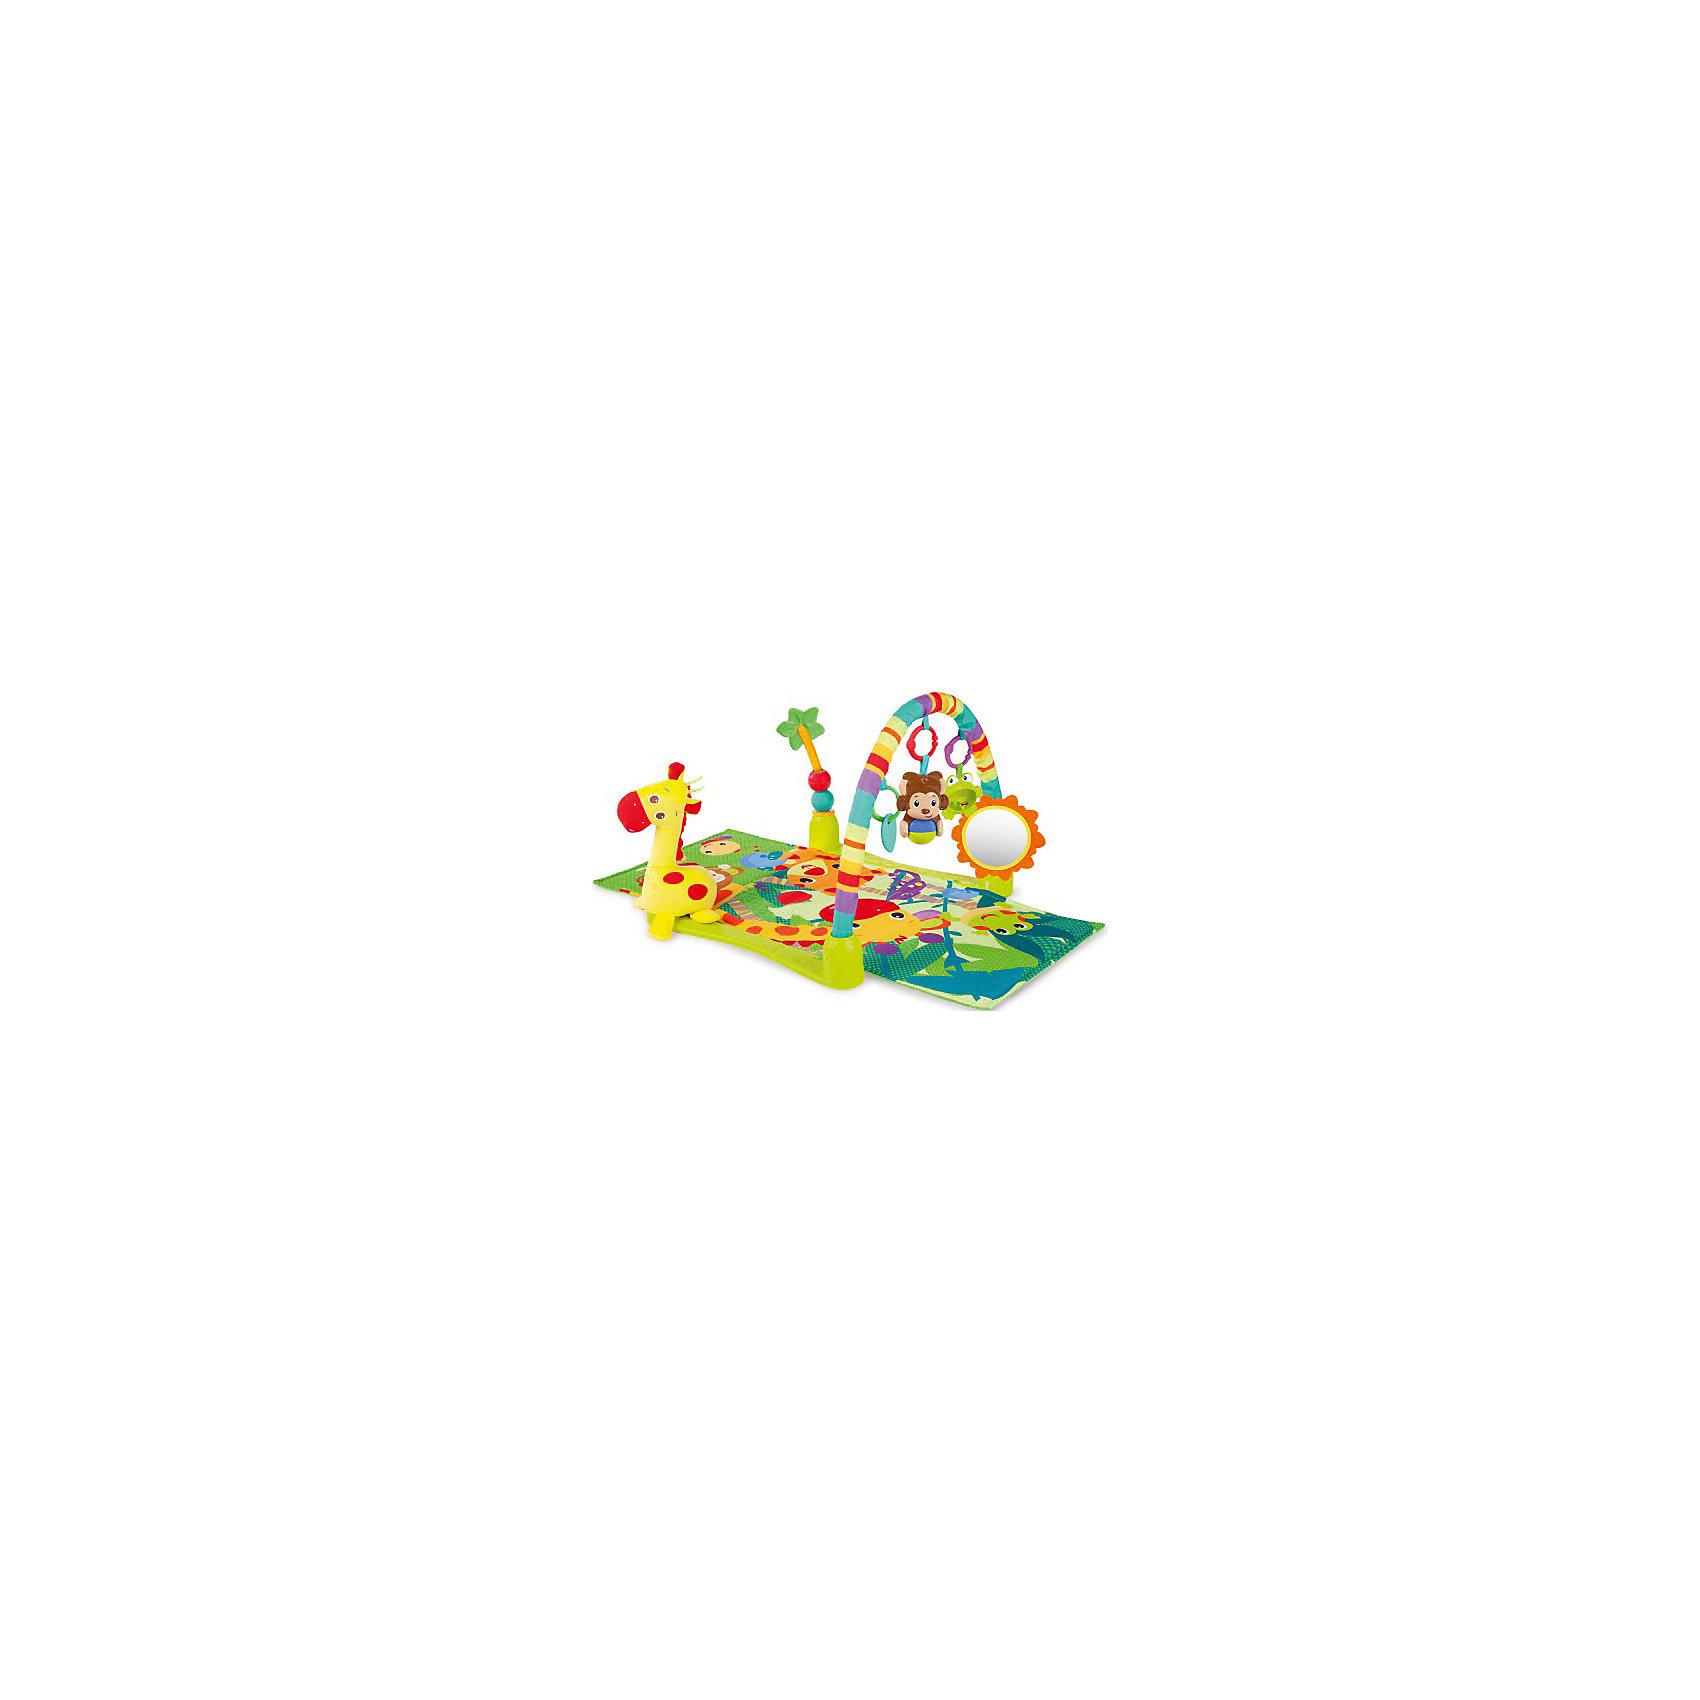 Развивающий коврик «Джунгли», Bright StartsИгрушки для малышей<br>Красочный, развивающий коврик Джунгли, Bright Starts, надолго займет Вашего малыша и будет способствовать его физическому и интеллектуальному развитию. Коврик выполнен в ярком привлекательном дизайне со множеством занимательных для ребенка элементов. Ползая по<br>коврику, малыш с интересом будет рассматривать красочные изображения забавных африканских животных и тянуться за висящими на дуге яркими игрушками. В комплект входят большой плюшевый жираф, которого можно брать с собой в кроватку, большая пальма с передвигающимися шариками, безопасное зеркальце в виде солнышка, прорезыватель для зубов в виде листочка, музыкальная обезьянка с шариком (воспроизводит забавные звуки и мелодии) и лягушка-погремушка с бусинами в животе. Всеми игрушками можно играть отдельно, они легко крепятся к коляске или переноске.<br><br>Для детей постарше дуги можно снять и использовать коврик как удобную мягкую подстилку для игр на полу. Коврик компактно складывается, не занимает много места и удобен для переноски. Способствует развитию у малыша тактильных ощущений, навыков хватания и удерживания предметов в руке, лежа на животе, малыш учится держать голову. Можно стирать в стиральной машине.<br><br>Дополнительная информация:<br><br>- В комплекте: коврик, жираф, пальма, дуга, безопасное зеркало, 3 игрушки.<br>- Материал: текстиль, пластик.<br>- Требуются батарейки: 2 х AA.<br>- Размер коврика: 61 х 102 х 46 см.<br>- Размер упаковки: 61 х 9 х 53,5 см.<br>- Вес: 2,12 кг. <br><br>Развивающий коврик Джунгли, Bright Starts, можно купить в нашем интернет-магазине.<br><br>Ширина мм: 612<br>Глубина мм: 539<br>Высота мм: 122<br>Вес г: 2117<br>Возраст от месяцев: 0<br>Возраст до месяцев: 36<br>Пол: Унисекс<br>Возраст: Детский<br>SKU: 4637840